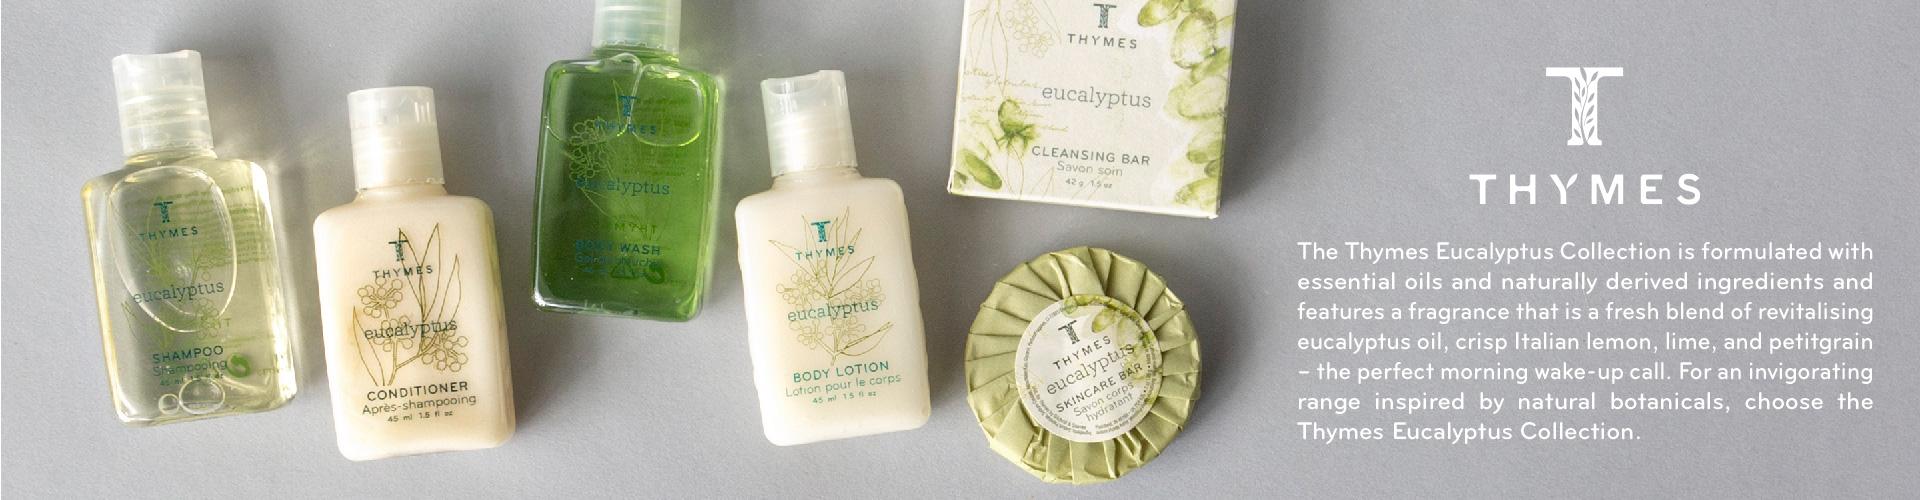 Thymes Eucalyptus